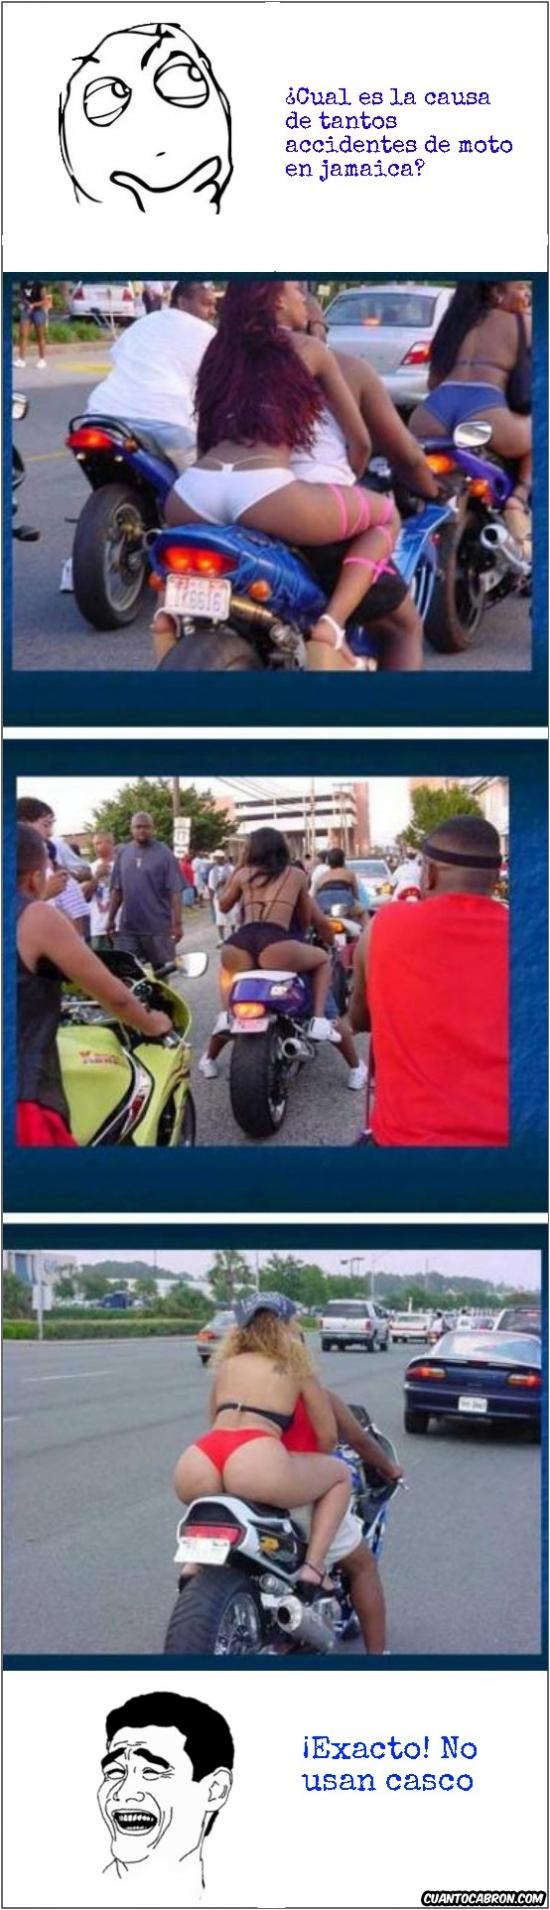 accidentes,casco,conducir,motos,trasero